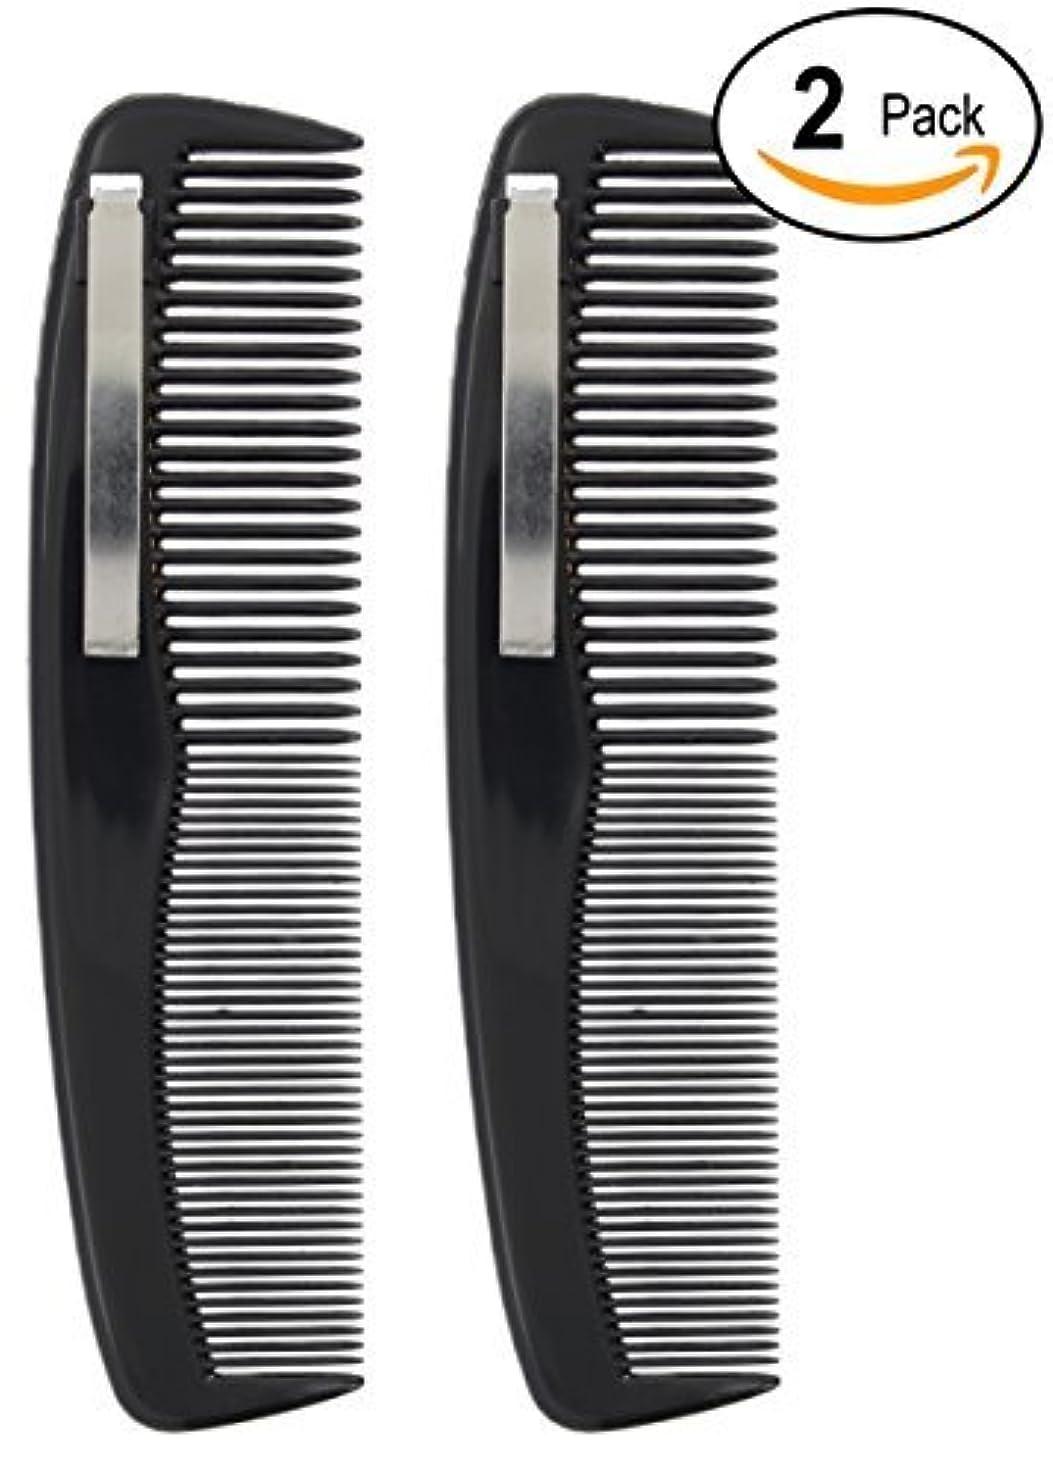 対角線王女方法2 Black Pocket Comb - 5